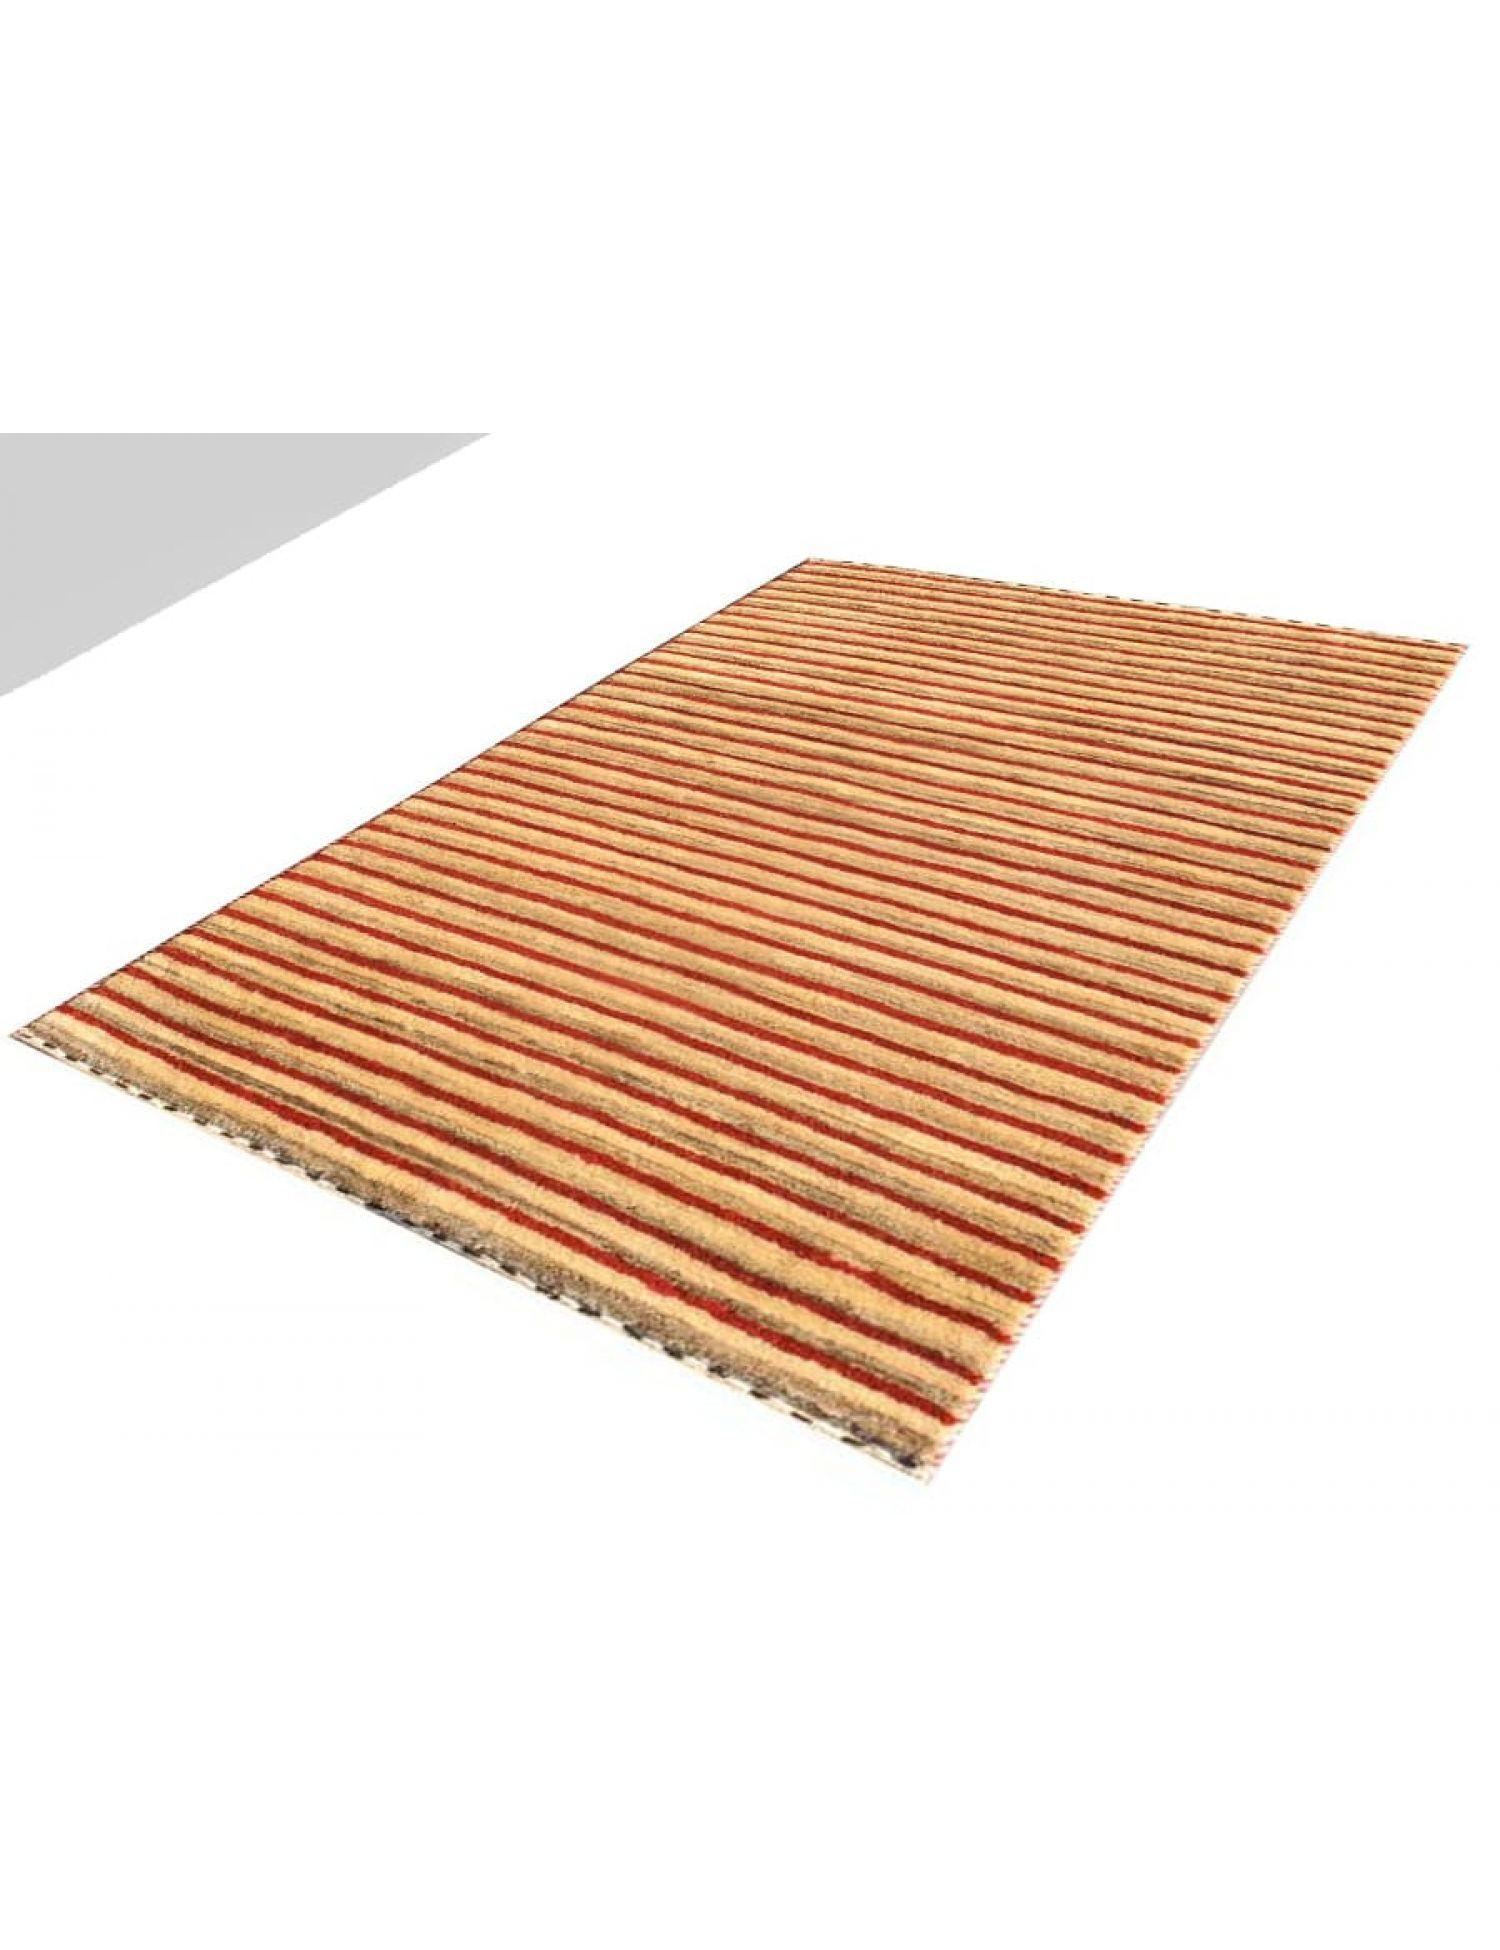 Moderne tæpper  beige <br/>142 x 99 cm